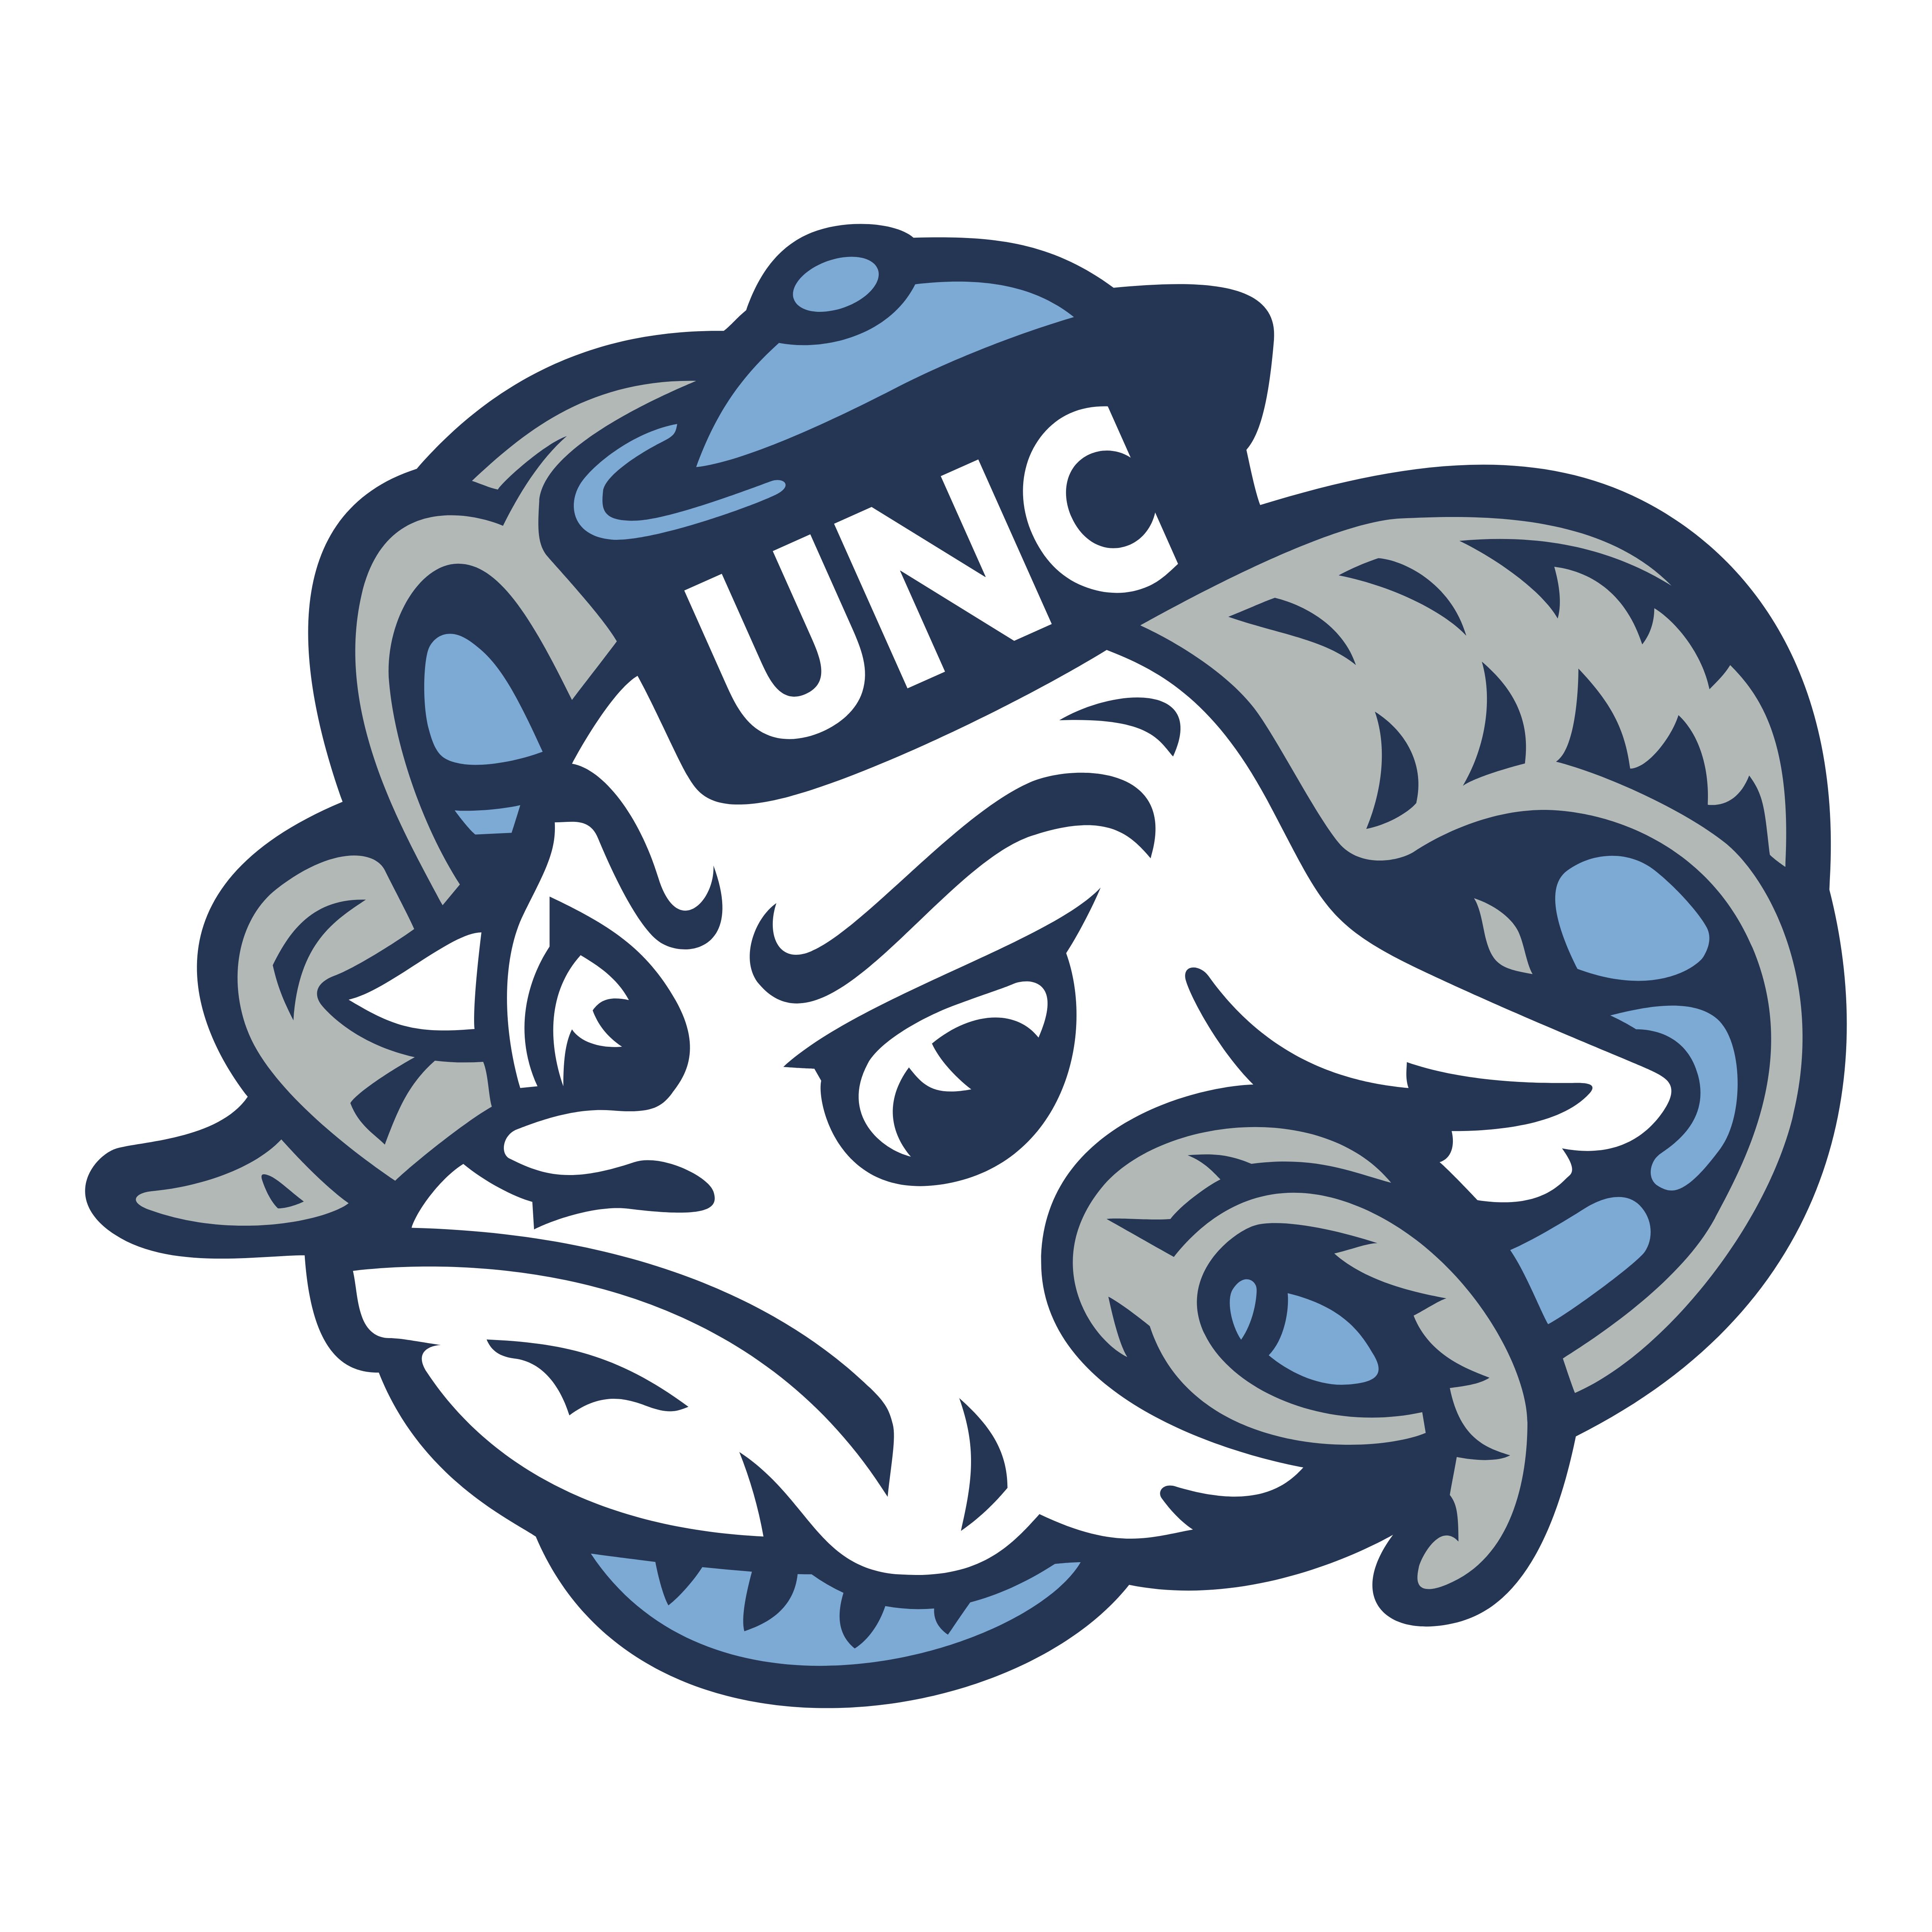 Unc Tar Heels Logos Download